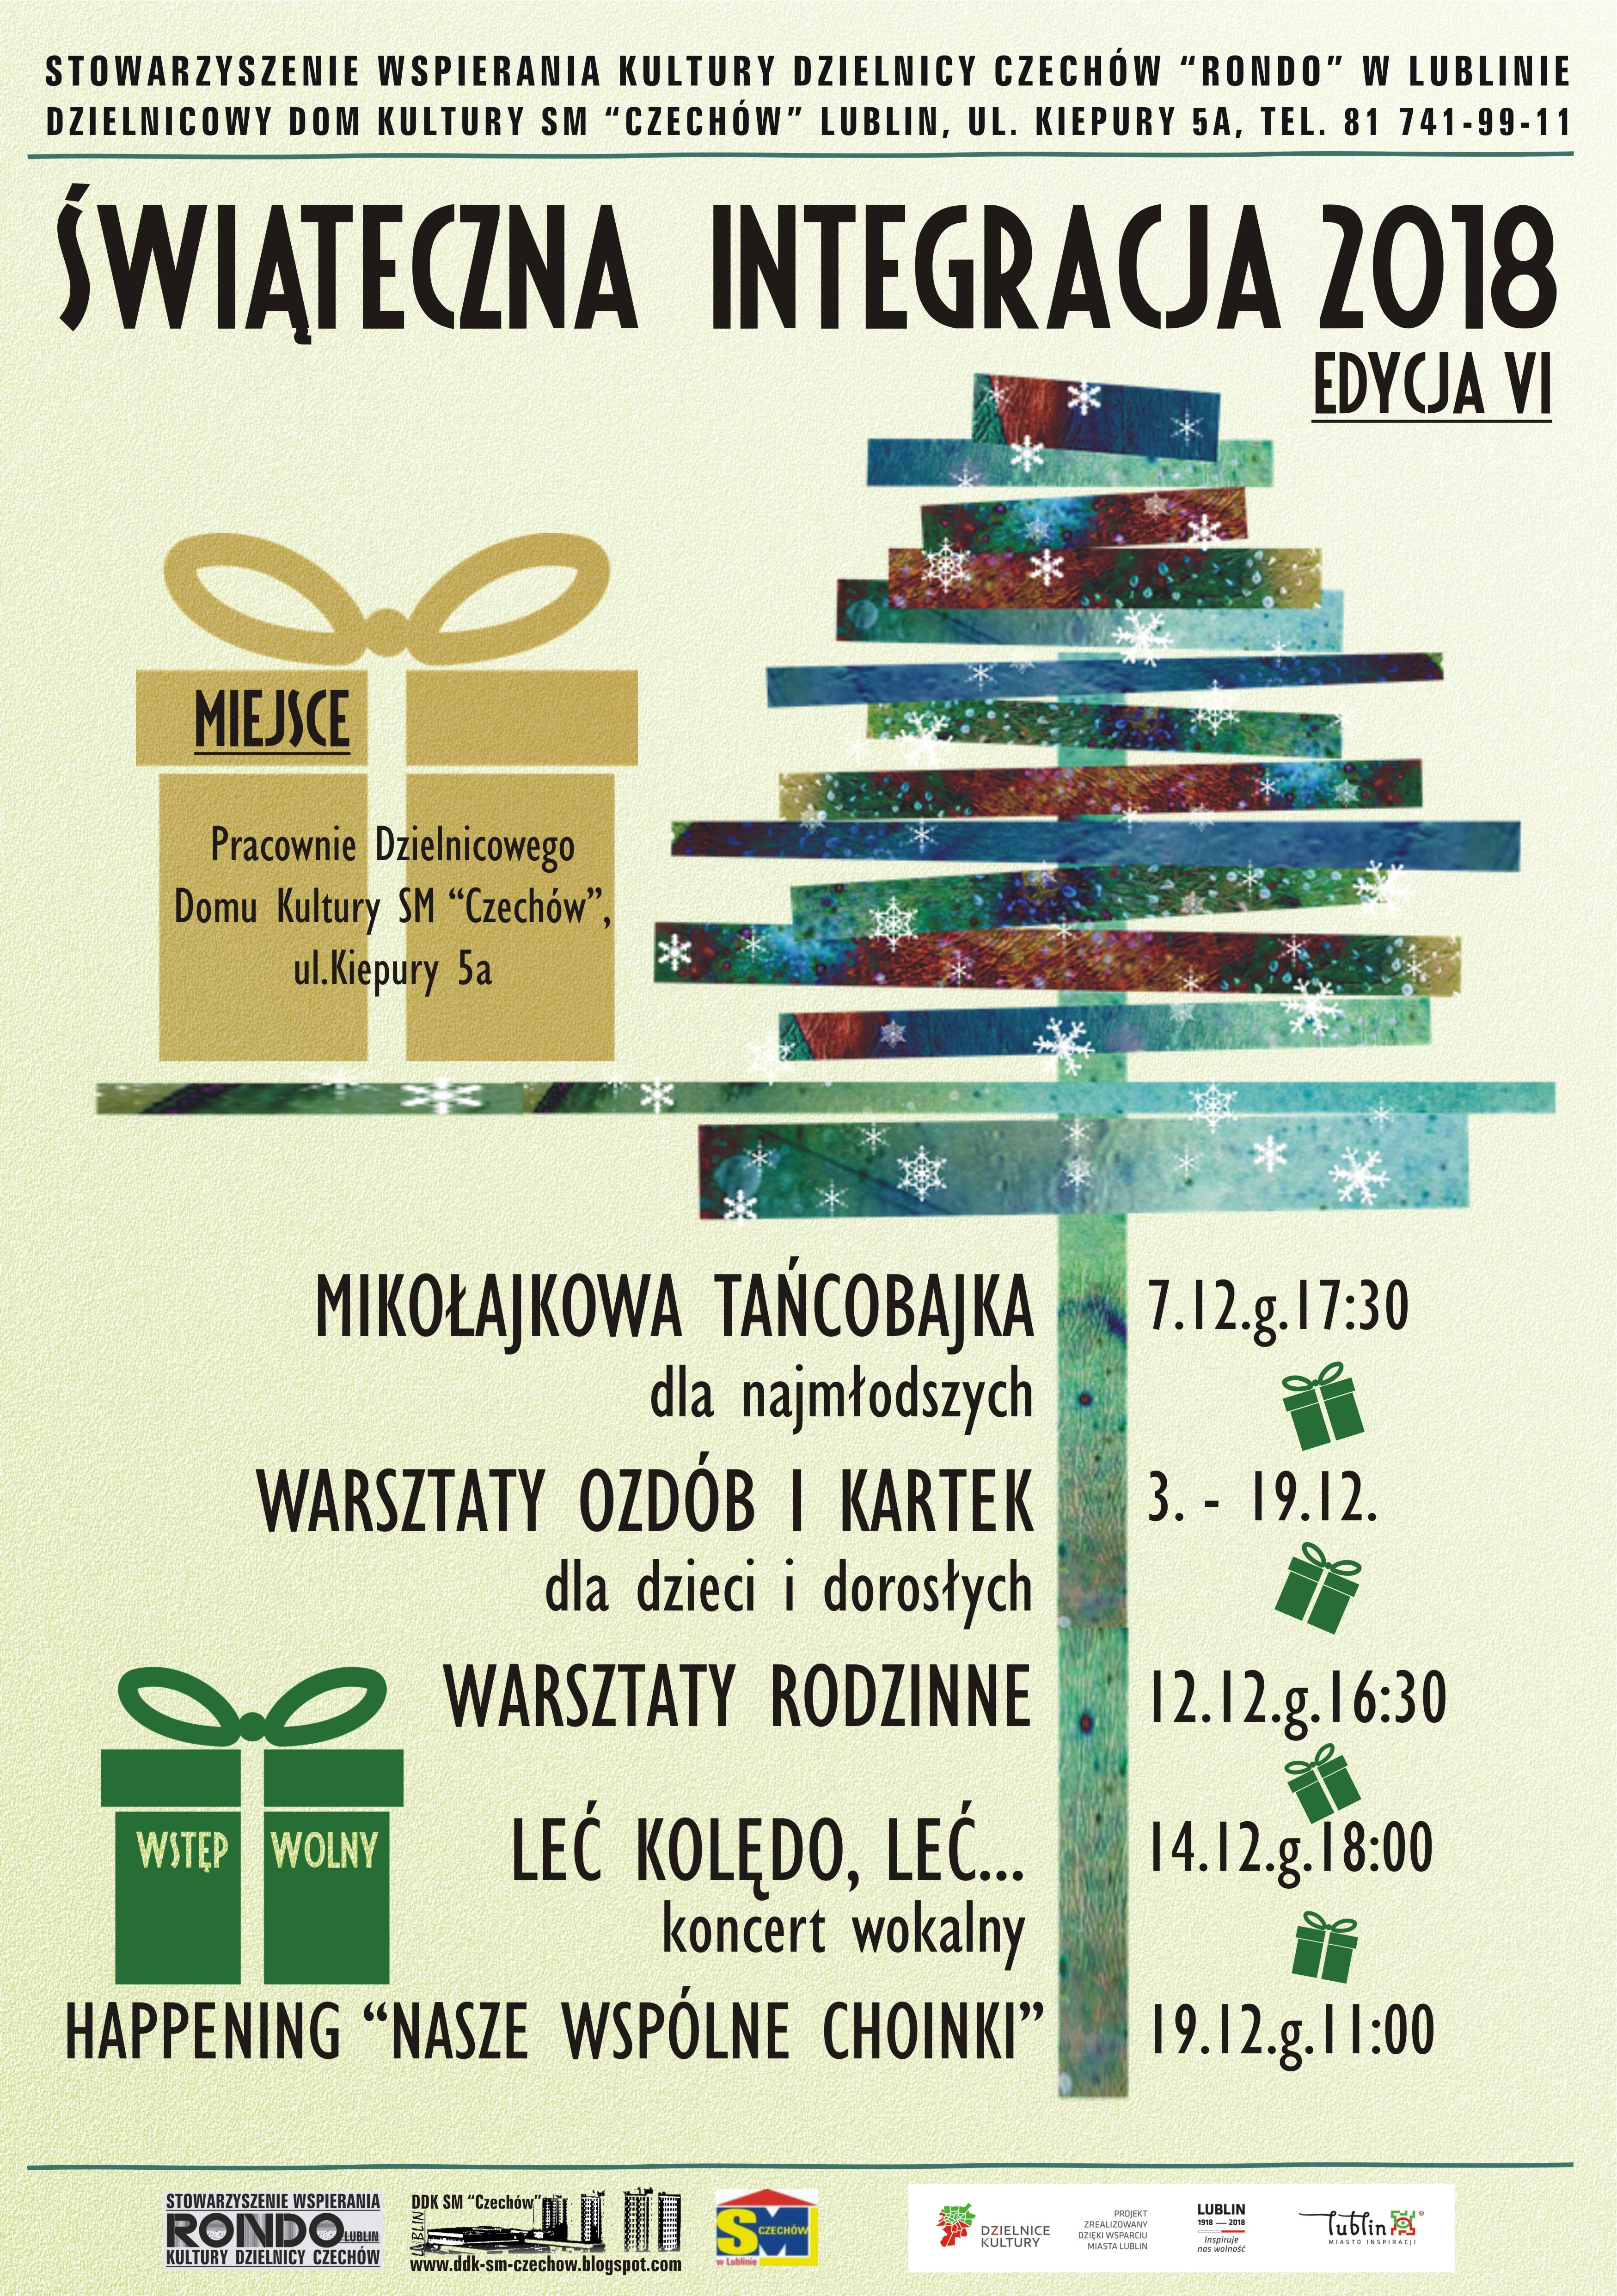 Świąteczna Integracja edycja VI